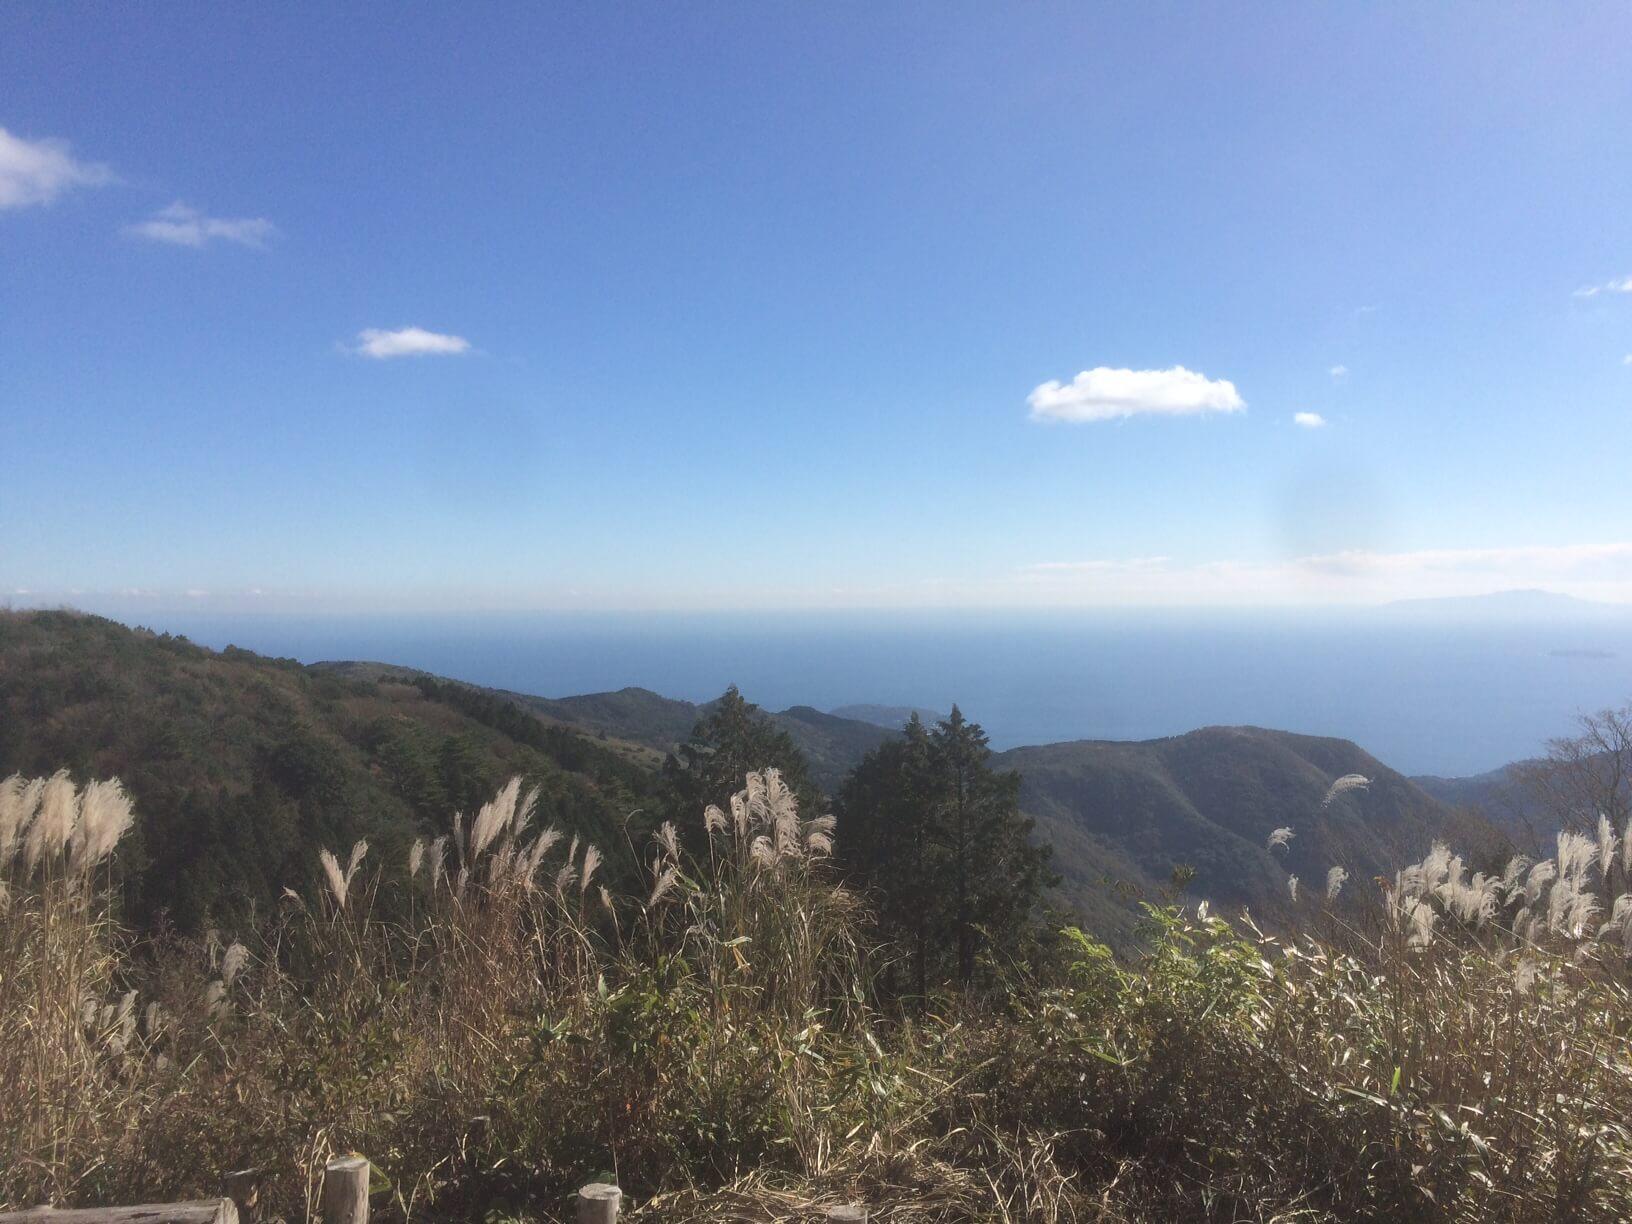 箱根ターンパイク休憩所からの眺め